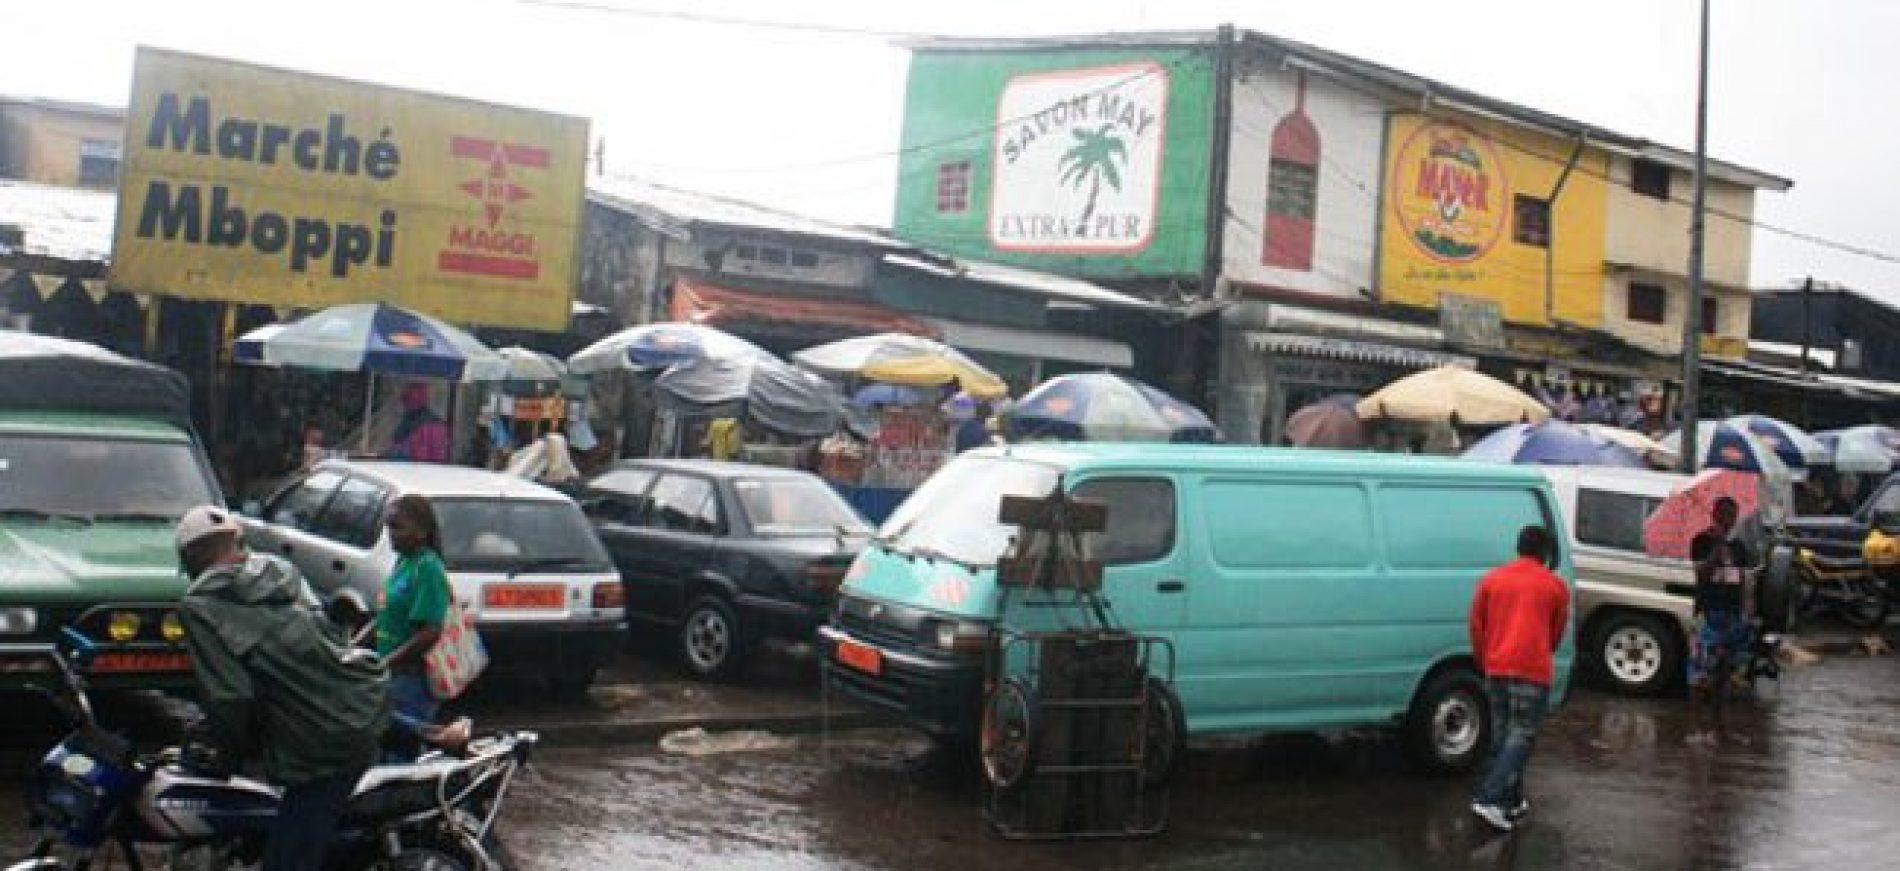 Douala : plus de clarté dans la gestion des marchés